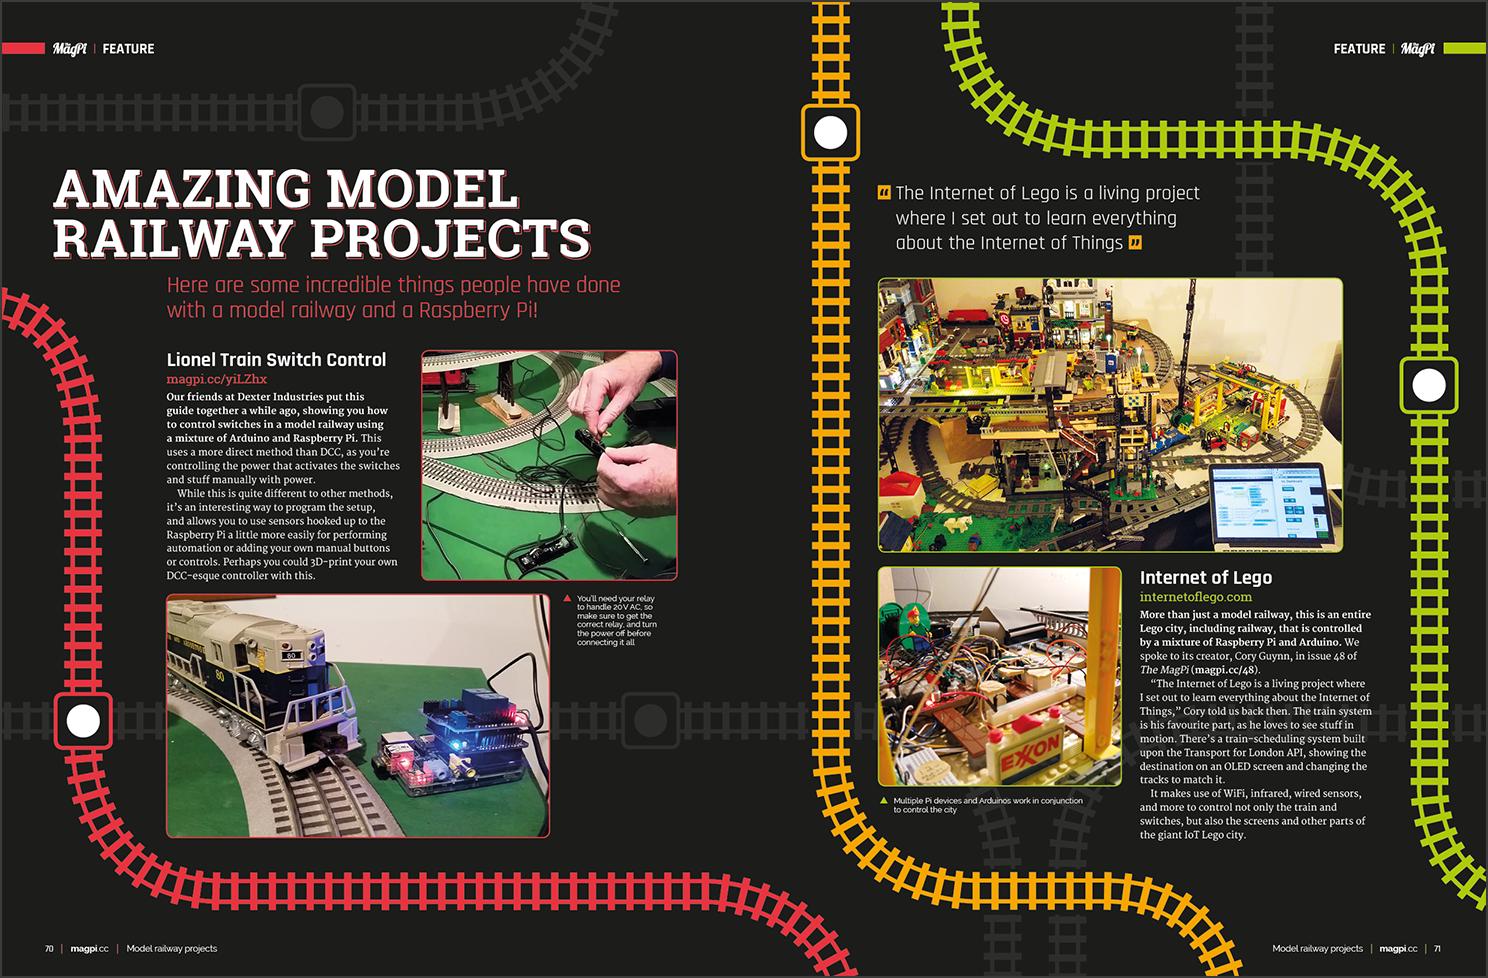 Issue 82 - The MagPi MagazineThe MagPi Magazine